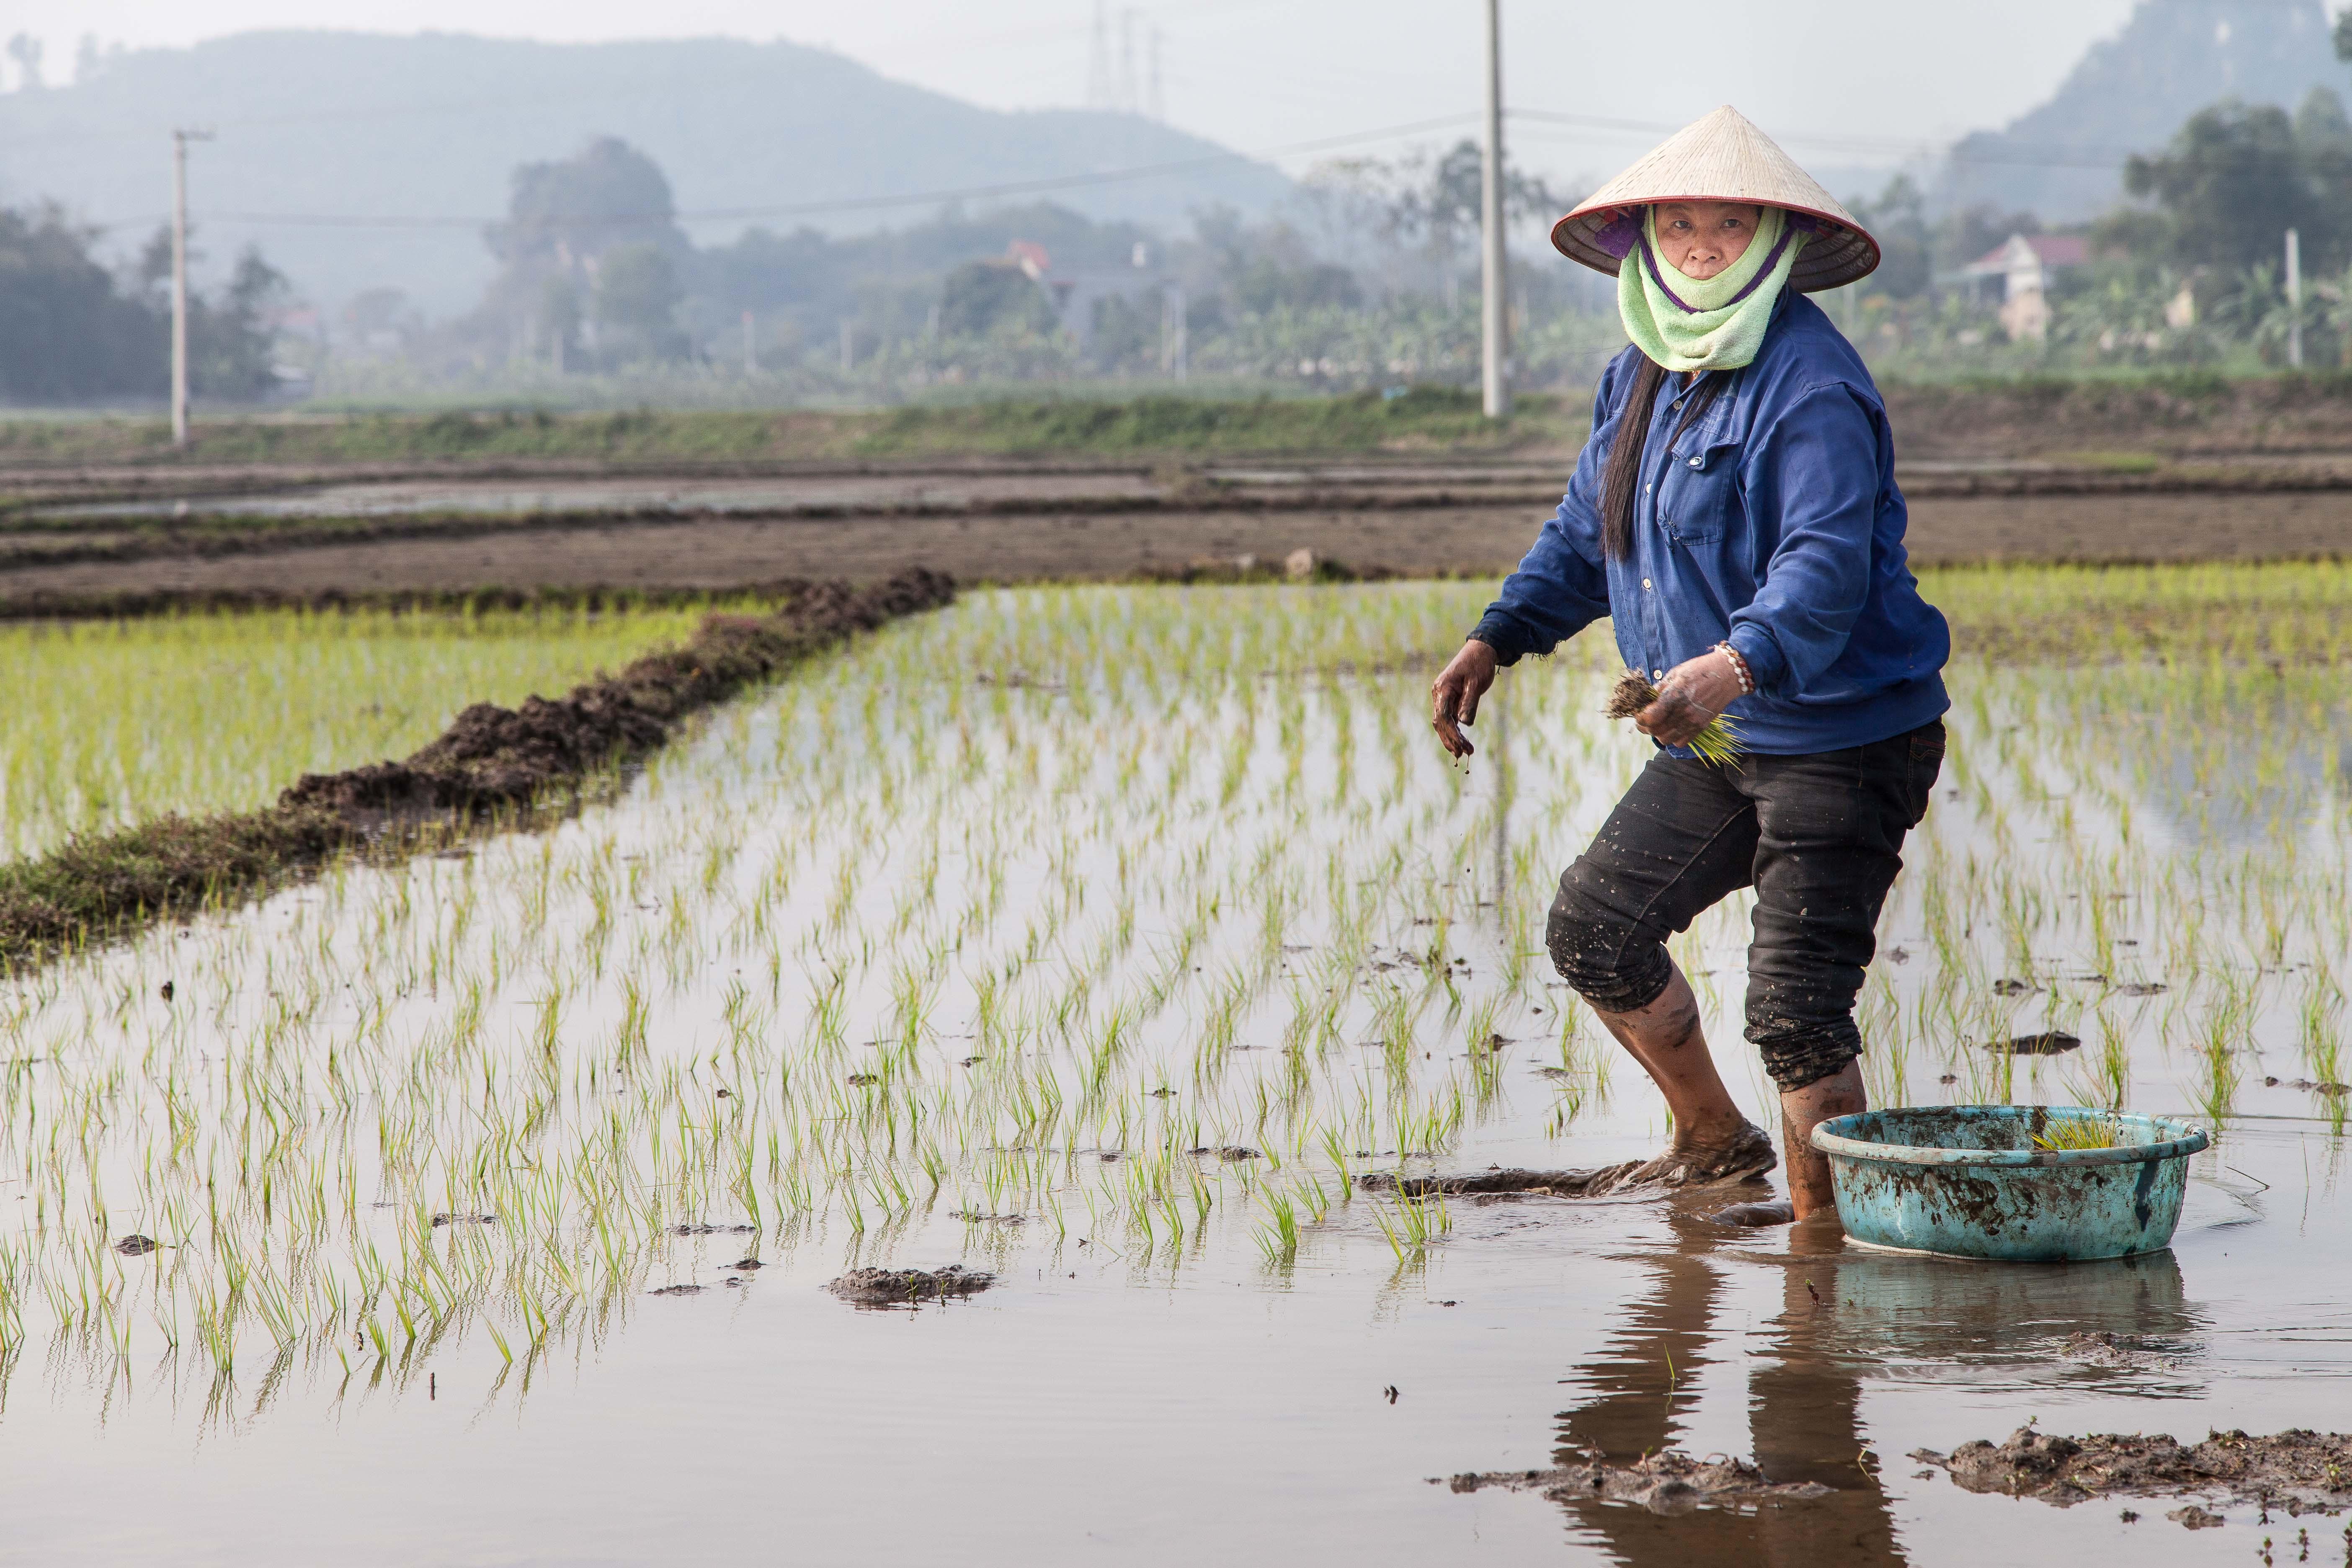 Eine schwere Arbeit in Wasser und Schlamm: Eine Reisbäuerin im Norden Vietnams.